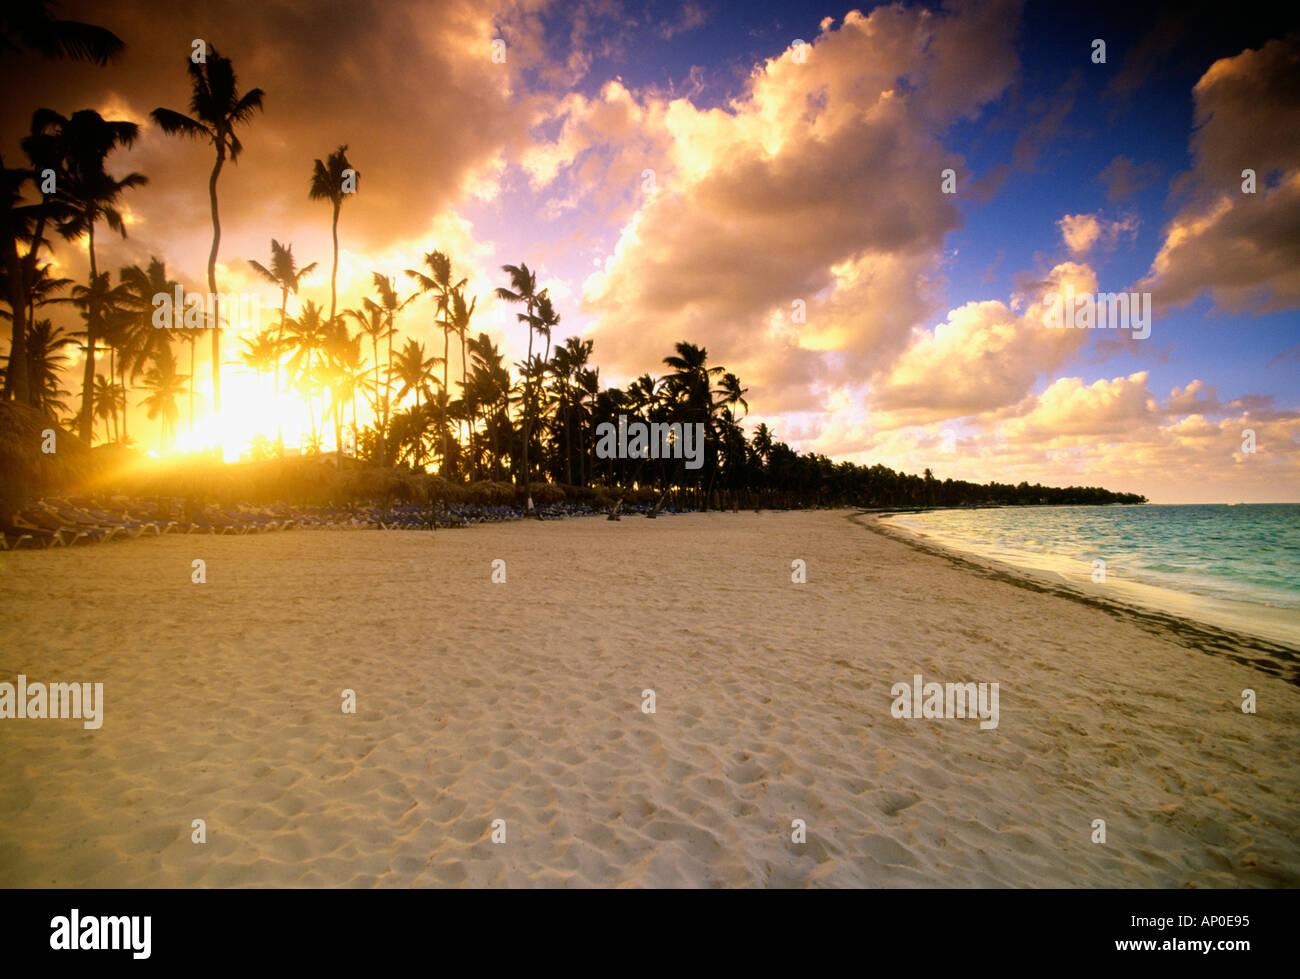 Palmen sind von der untergehenden Sonne in einem bunten Himmel Strand Punta Cana Dominikanische Republik Silhouette. Stockbild